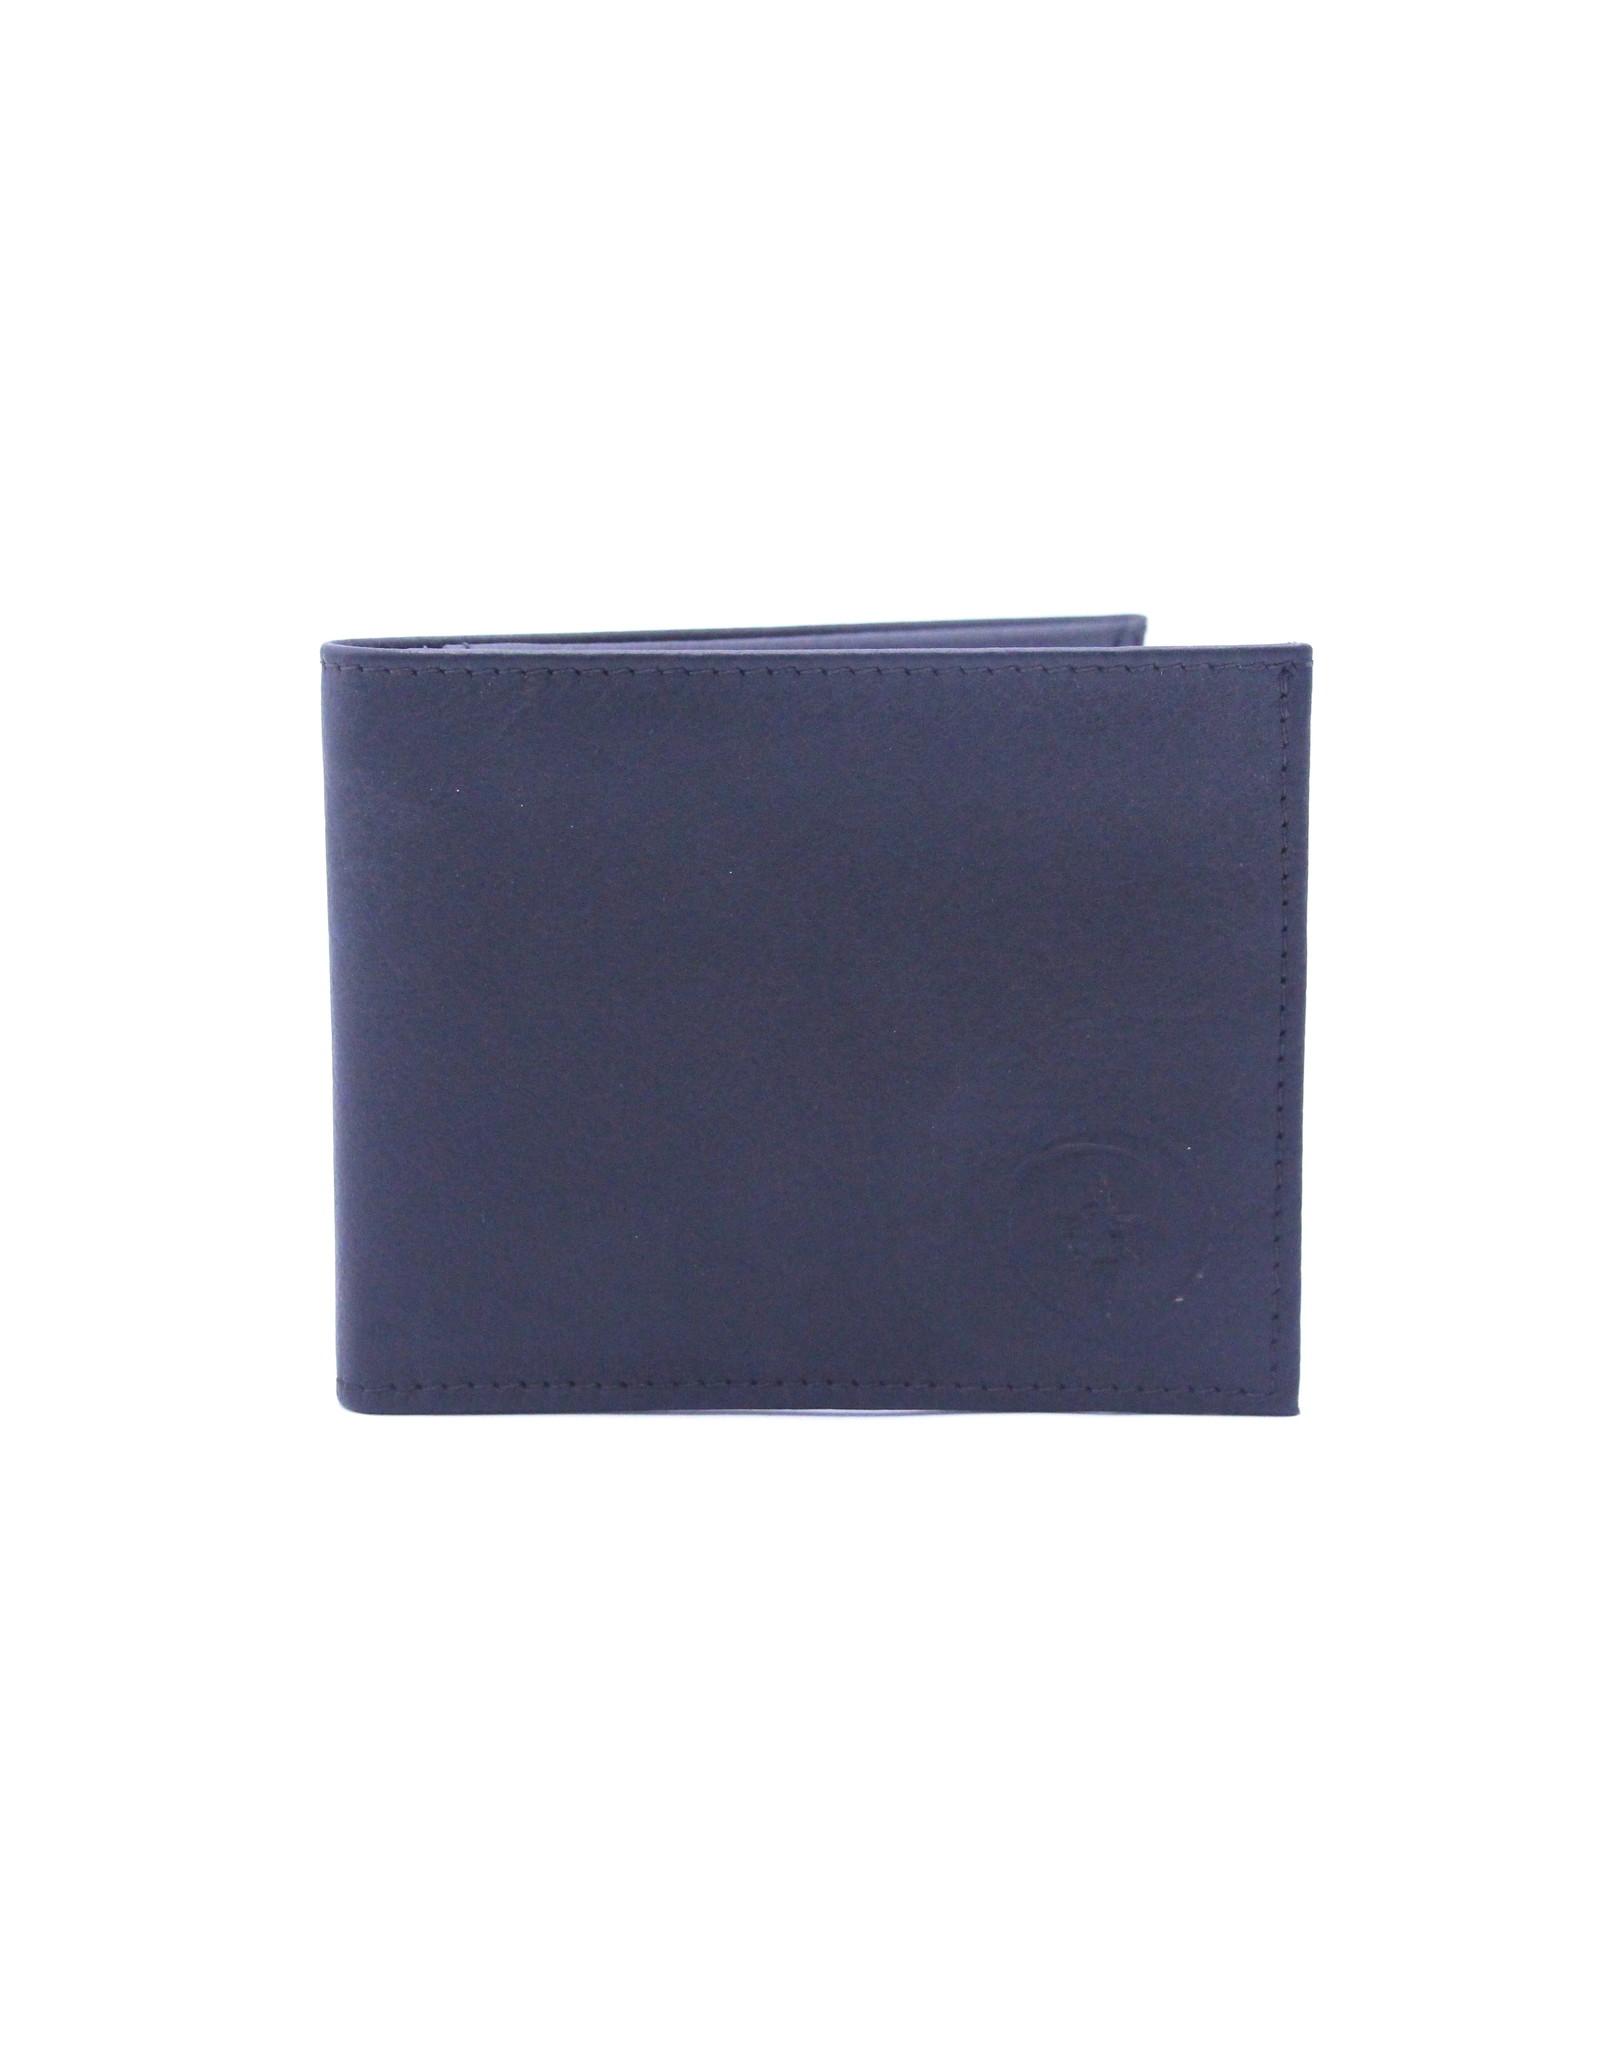 57015 Black MuskOx Leather Wallet